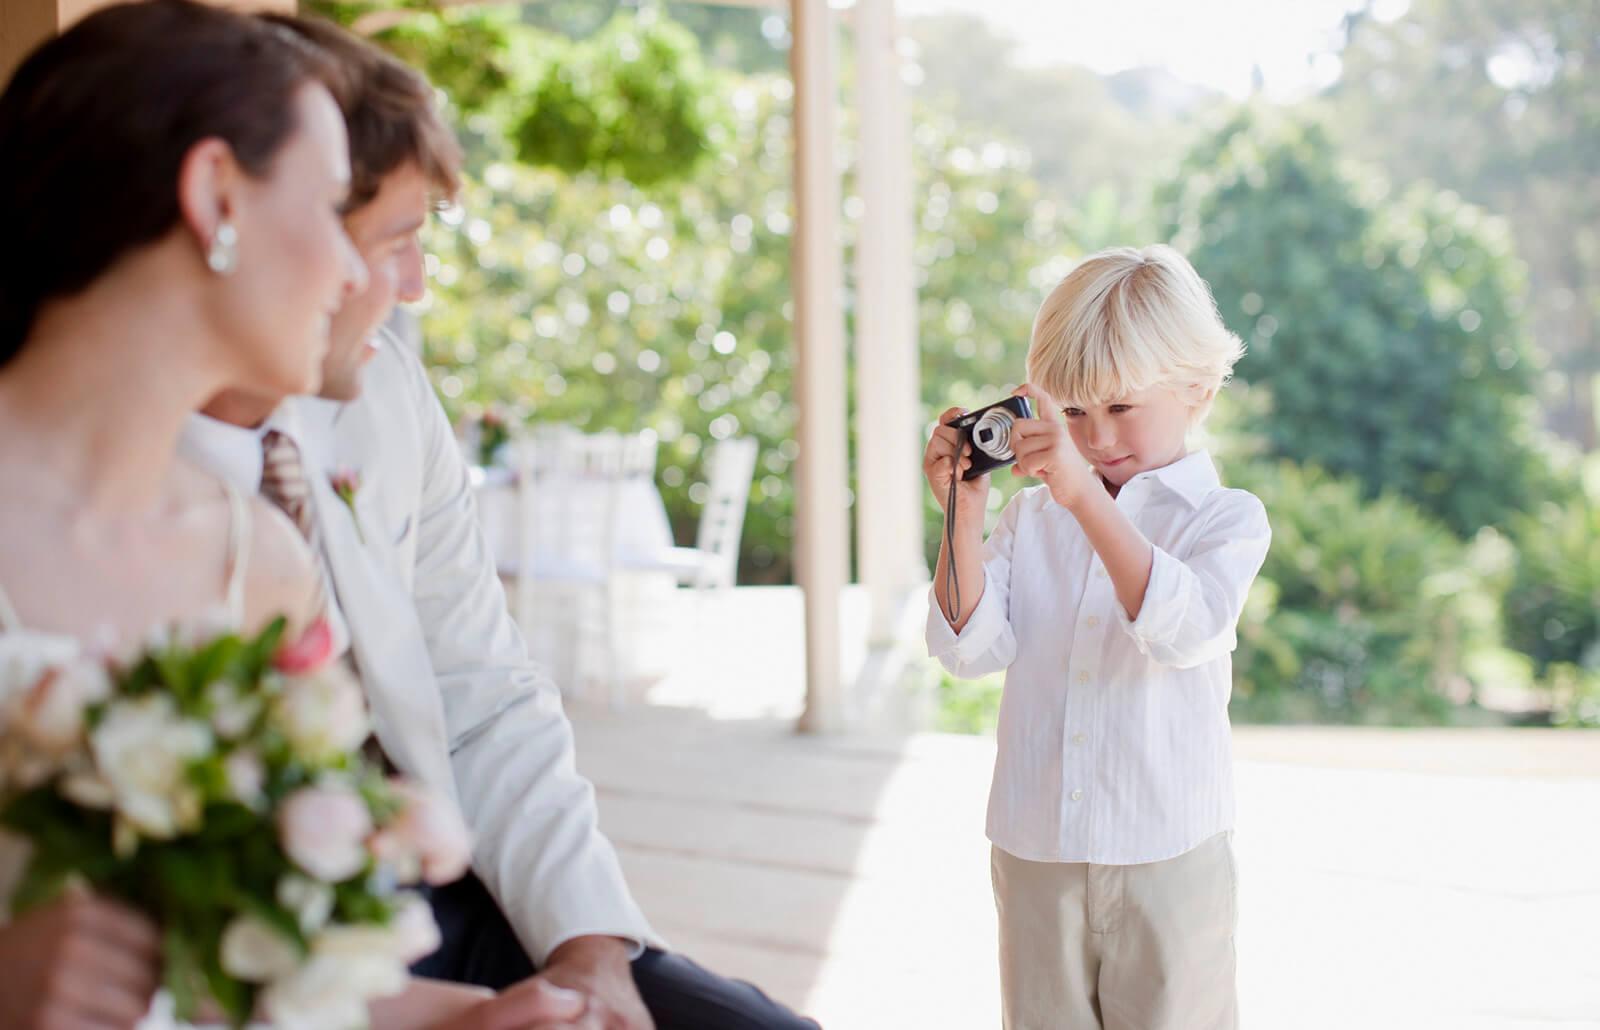 fotografo-honorario.jpg